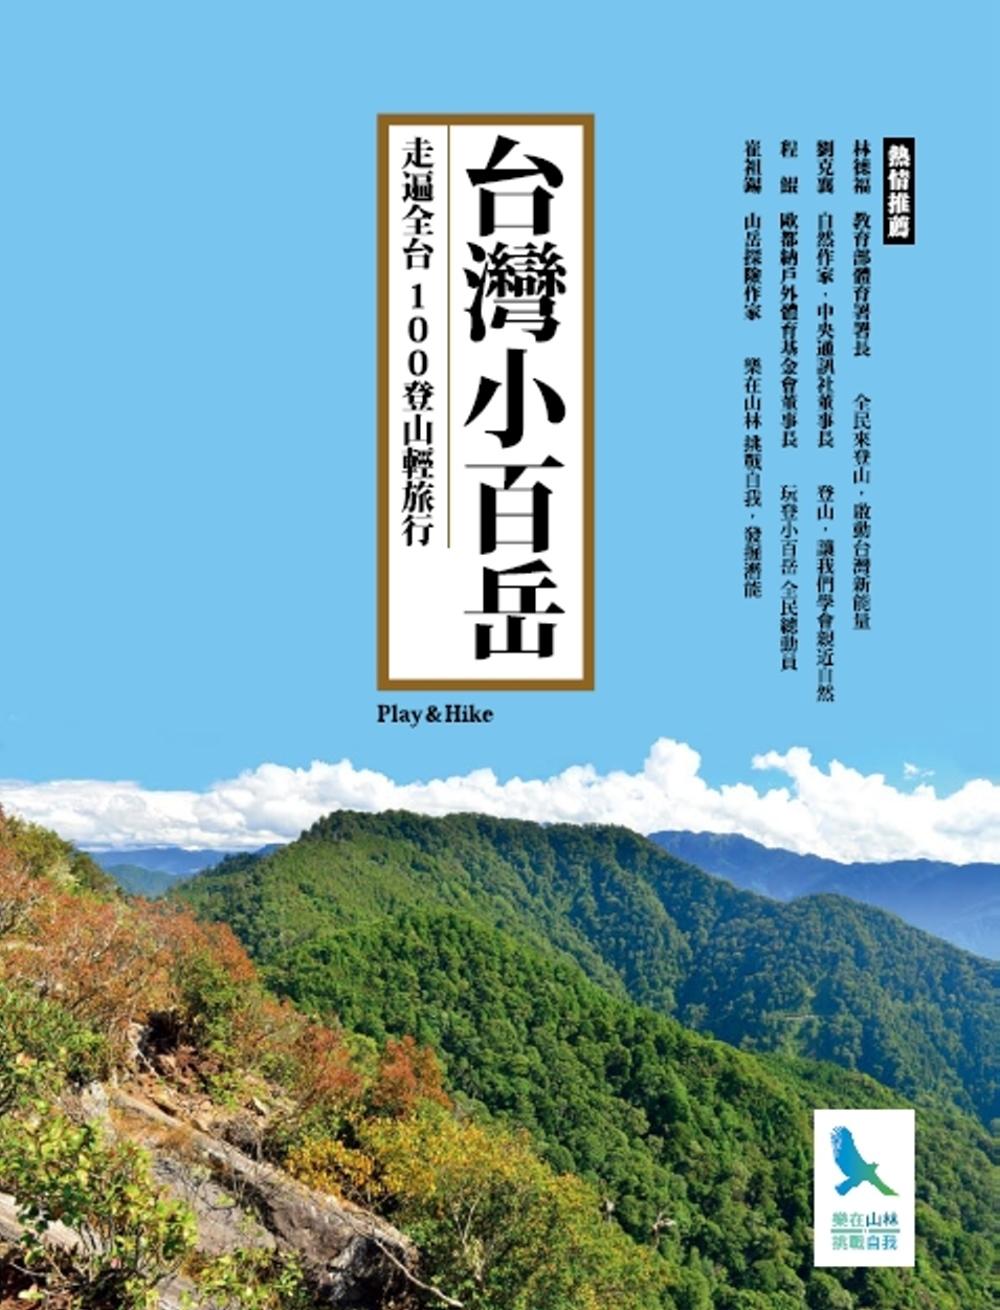 《台灣小百岳‧走遍全台100登山輕旅行》 商品條碼,ISBN:9789868094413